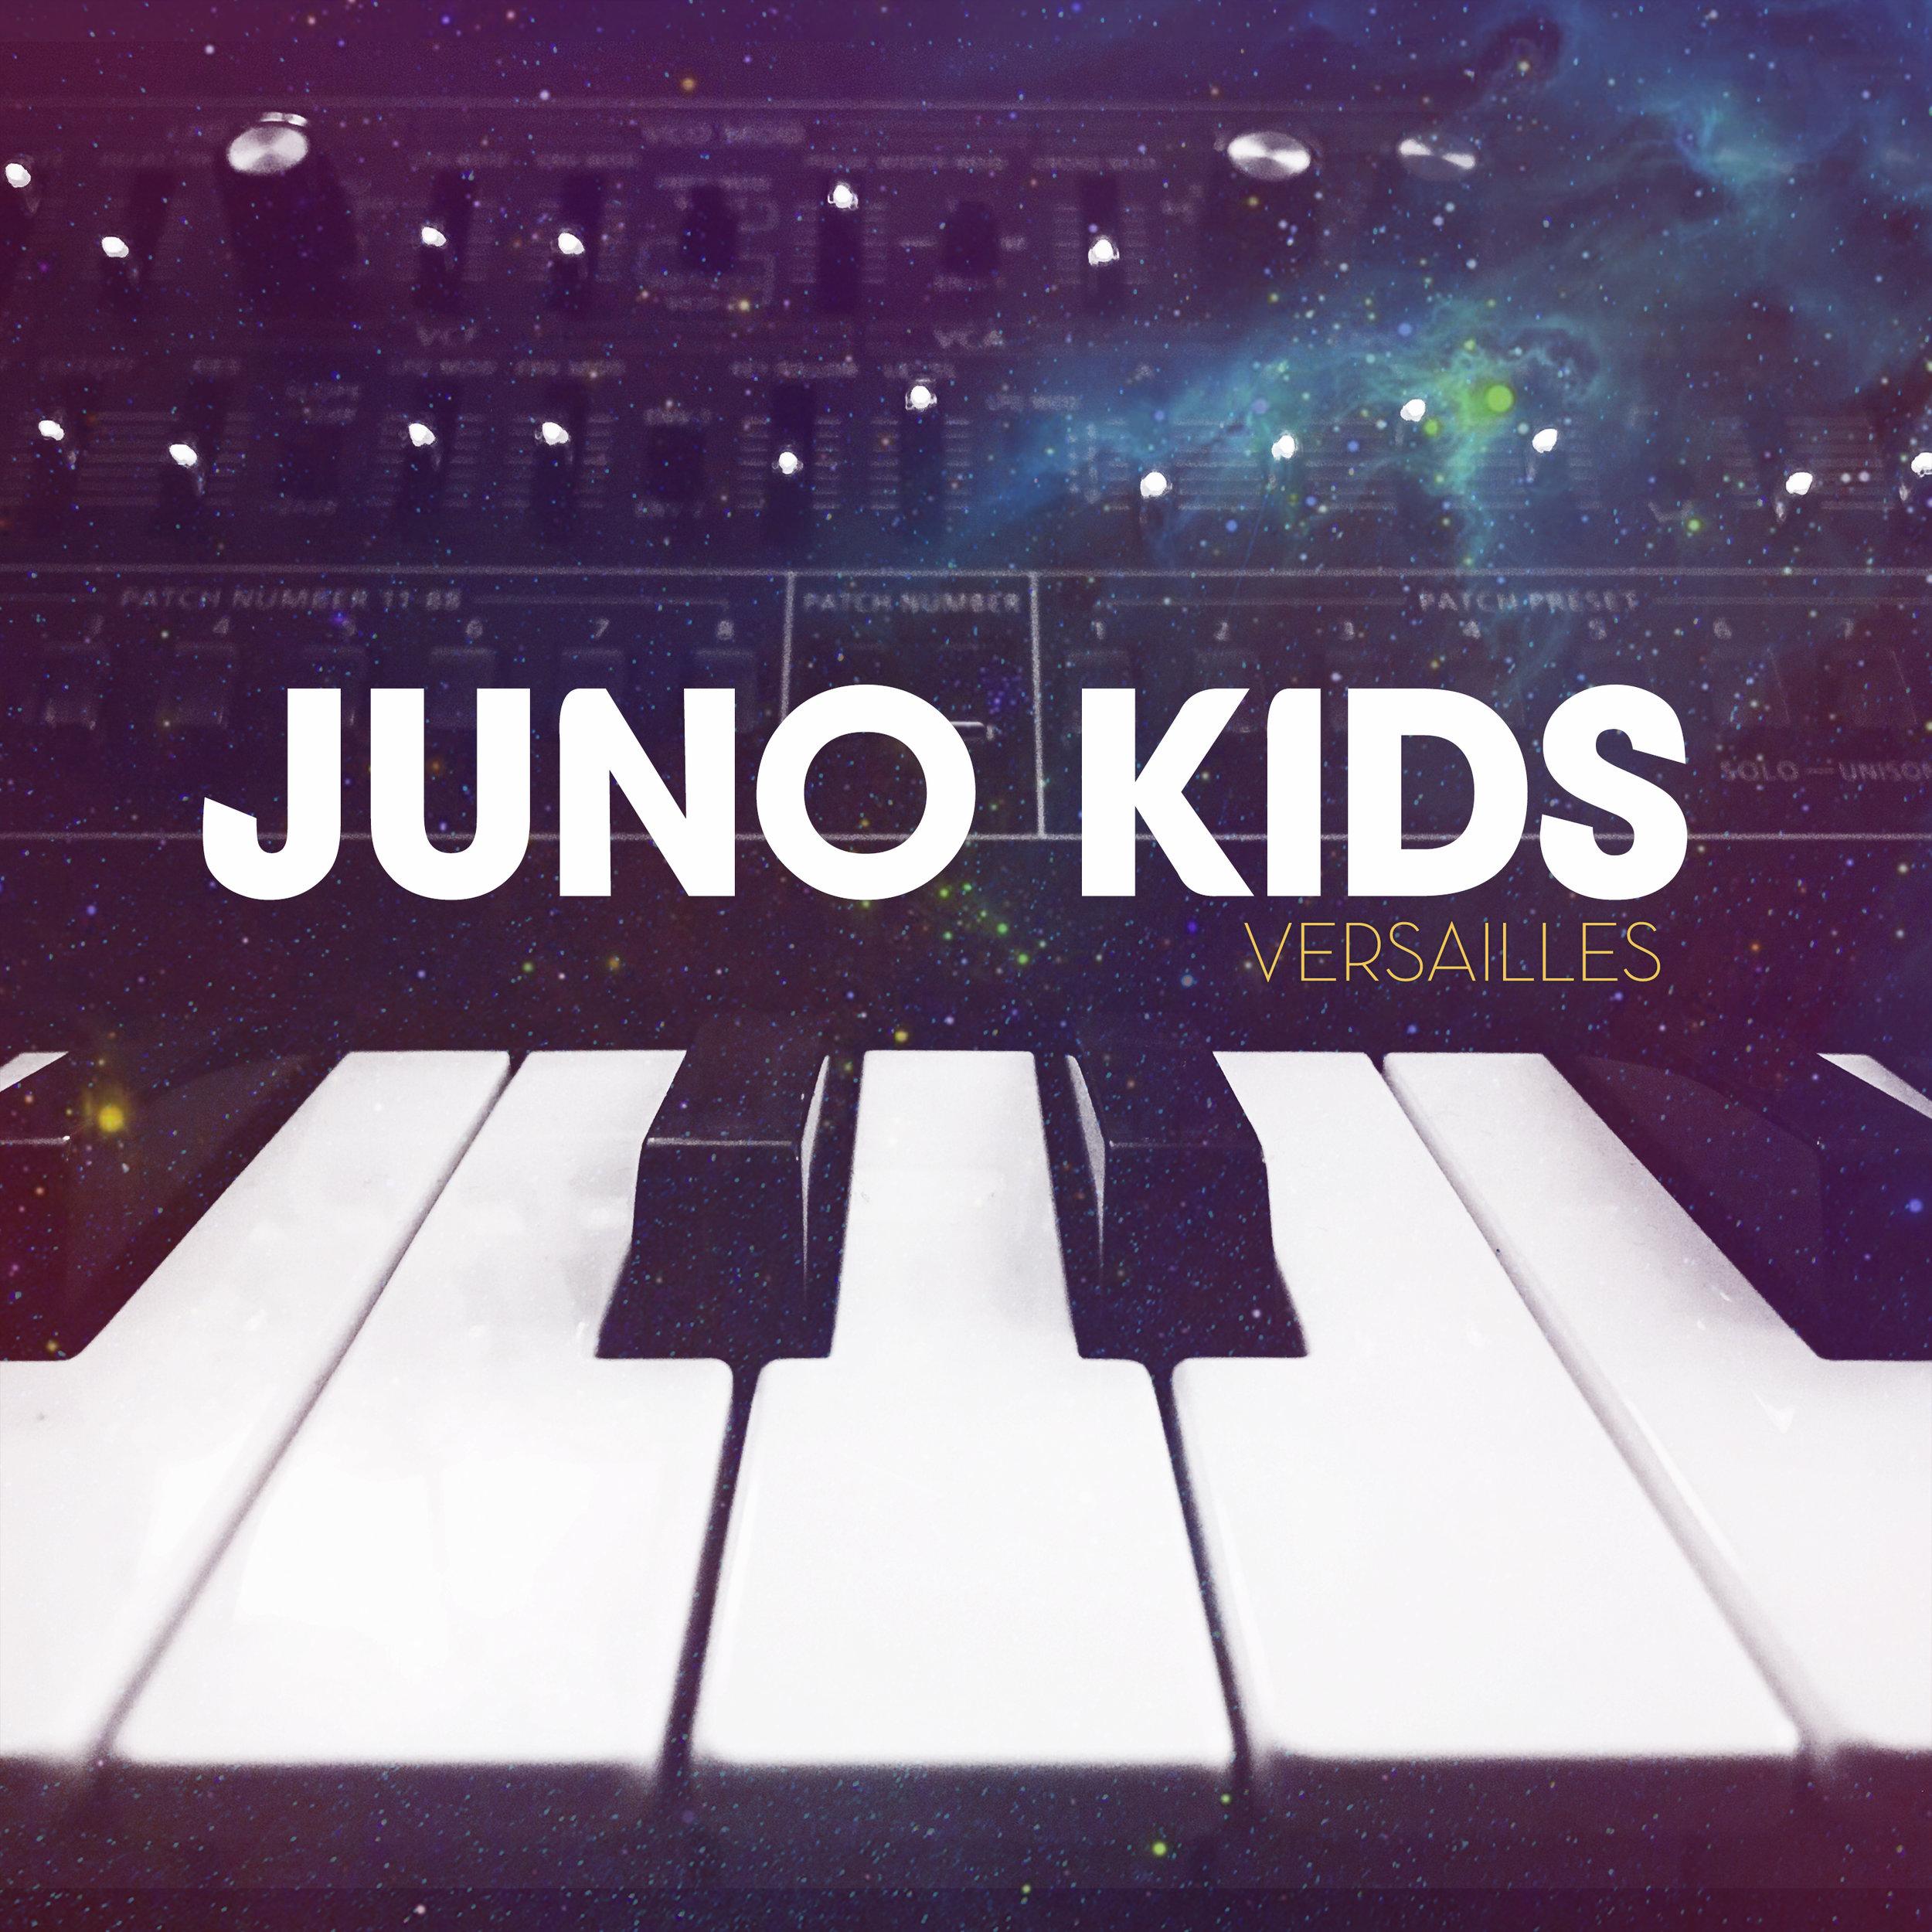 Juno Kids Versailles Cover.jpg